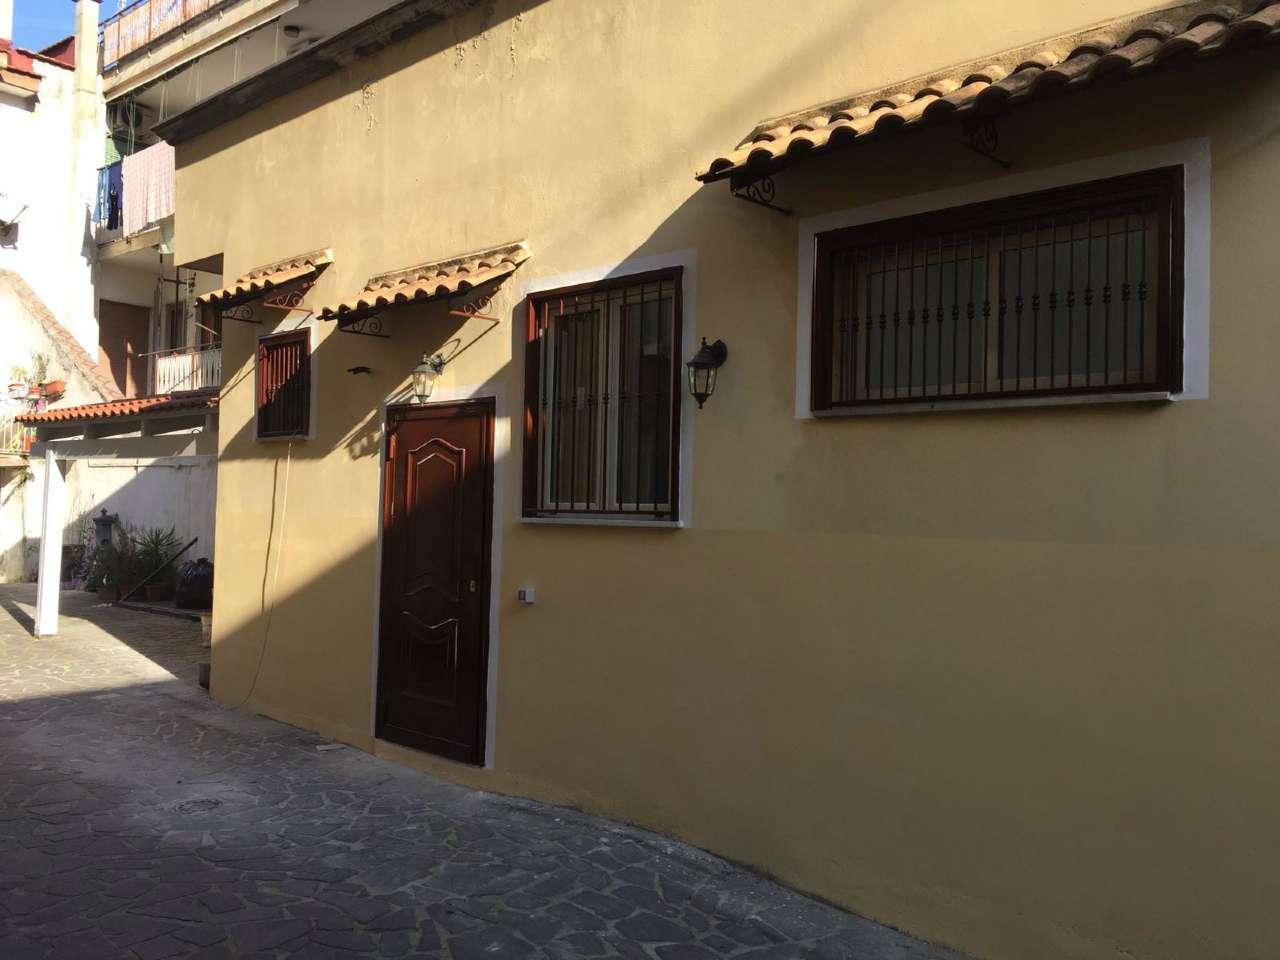 Bilocale Arredato in Affitto - Via Conte Mirabelli